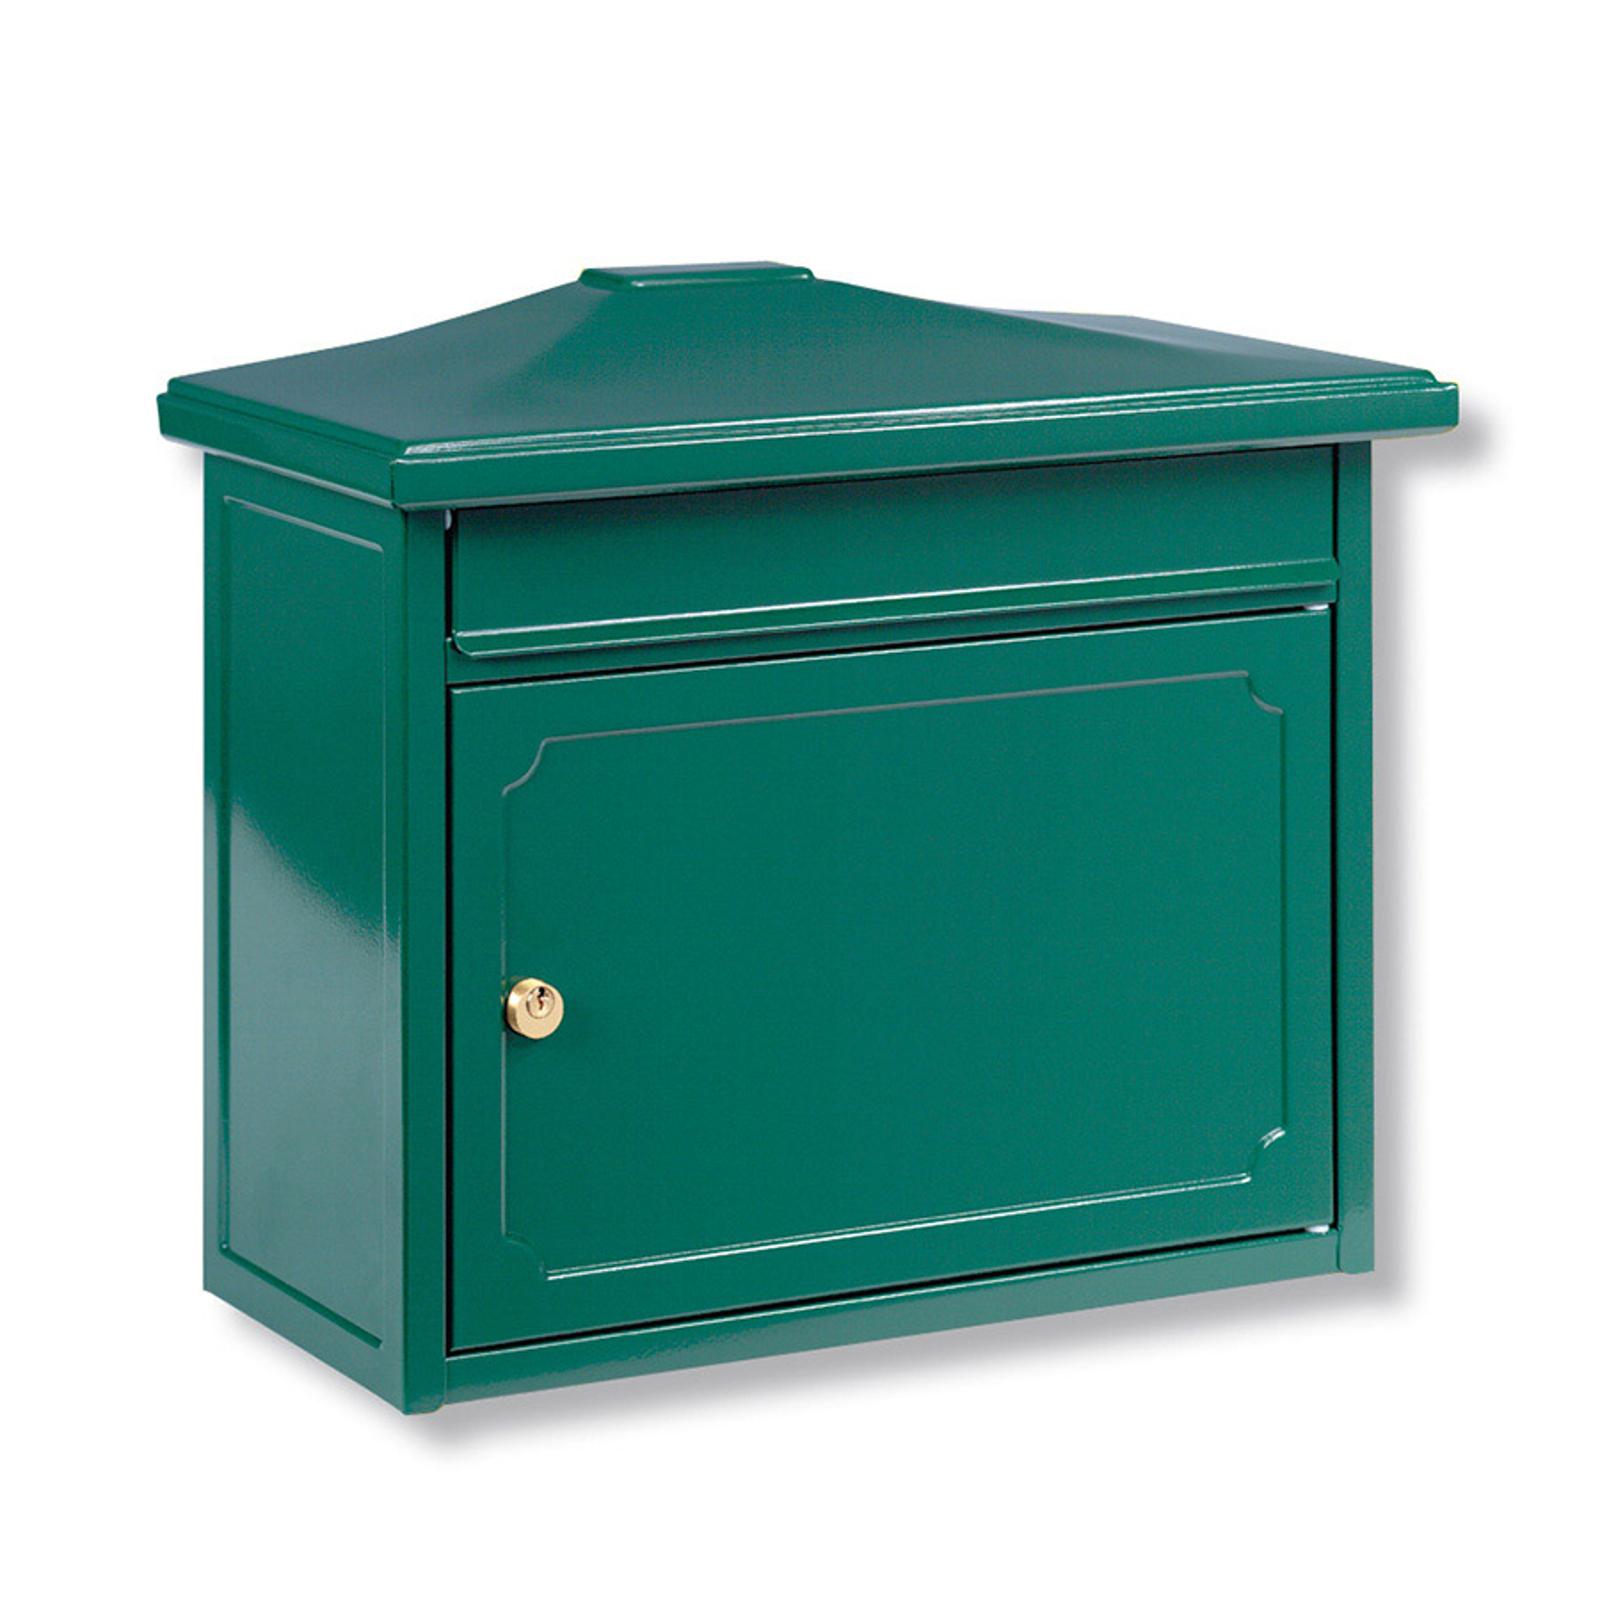 KOPENHAGEN postkasse, grøn